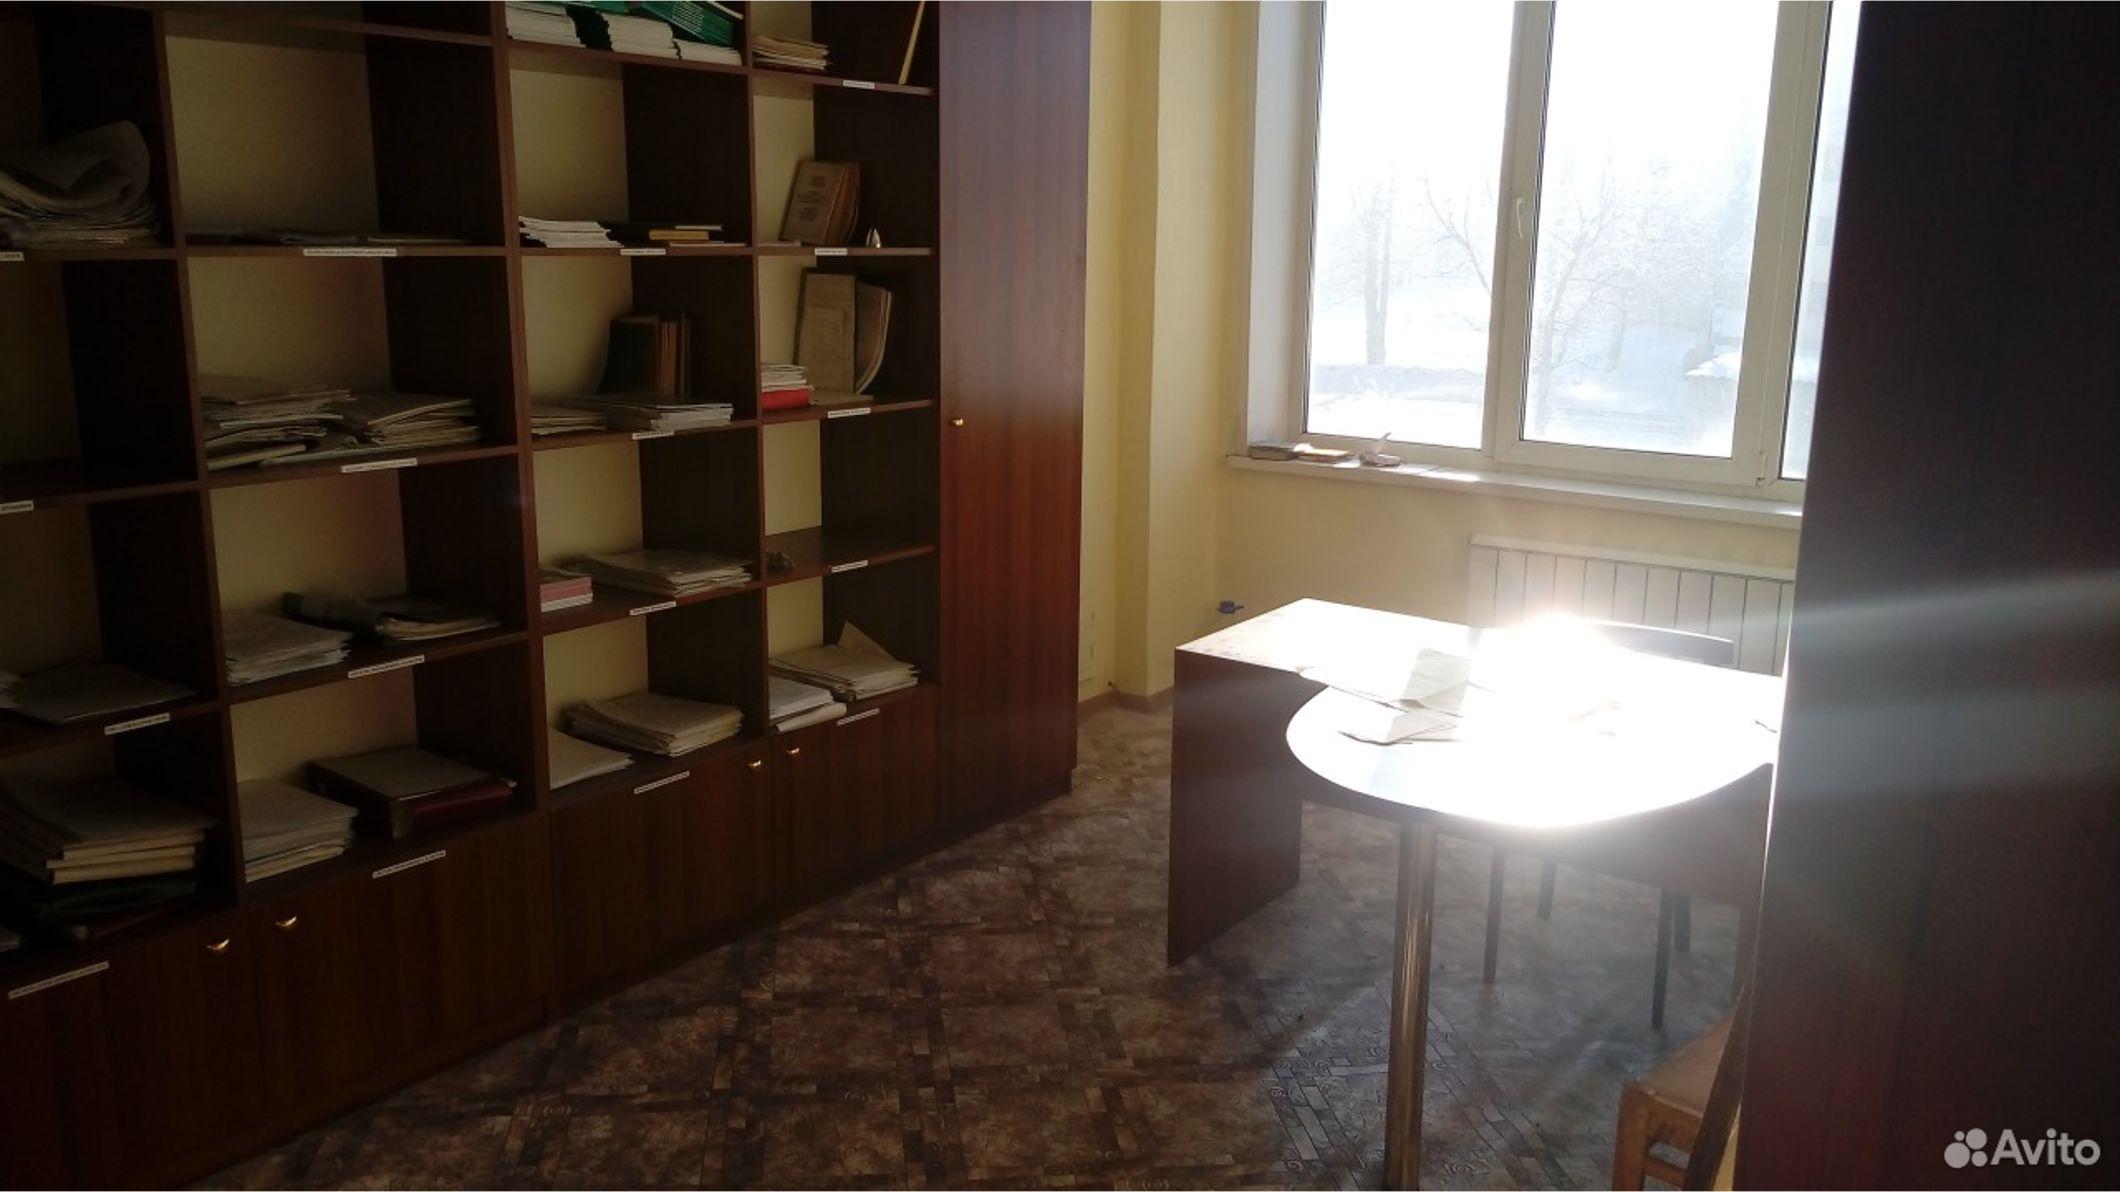 Офисные помещения Железногорский проезд поиск Коммерческой недвижимости Путейская улица